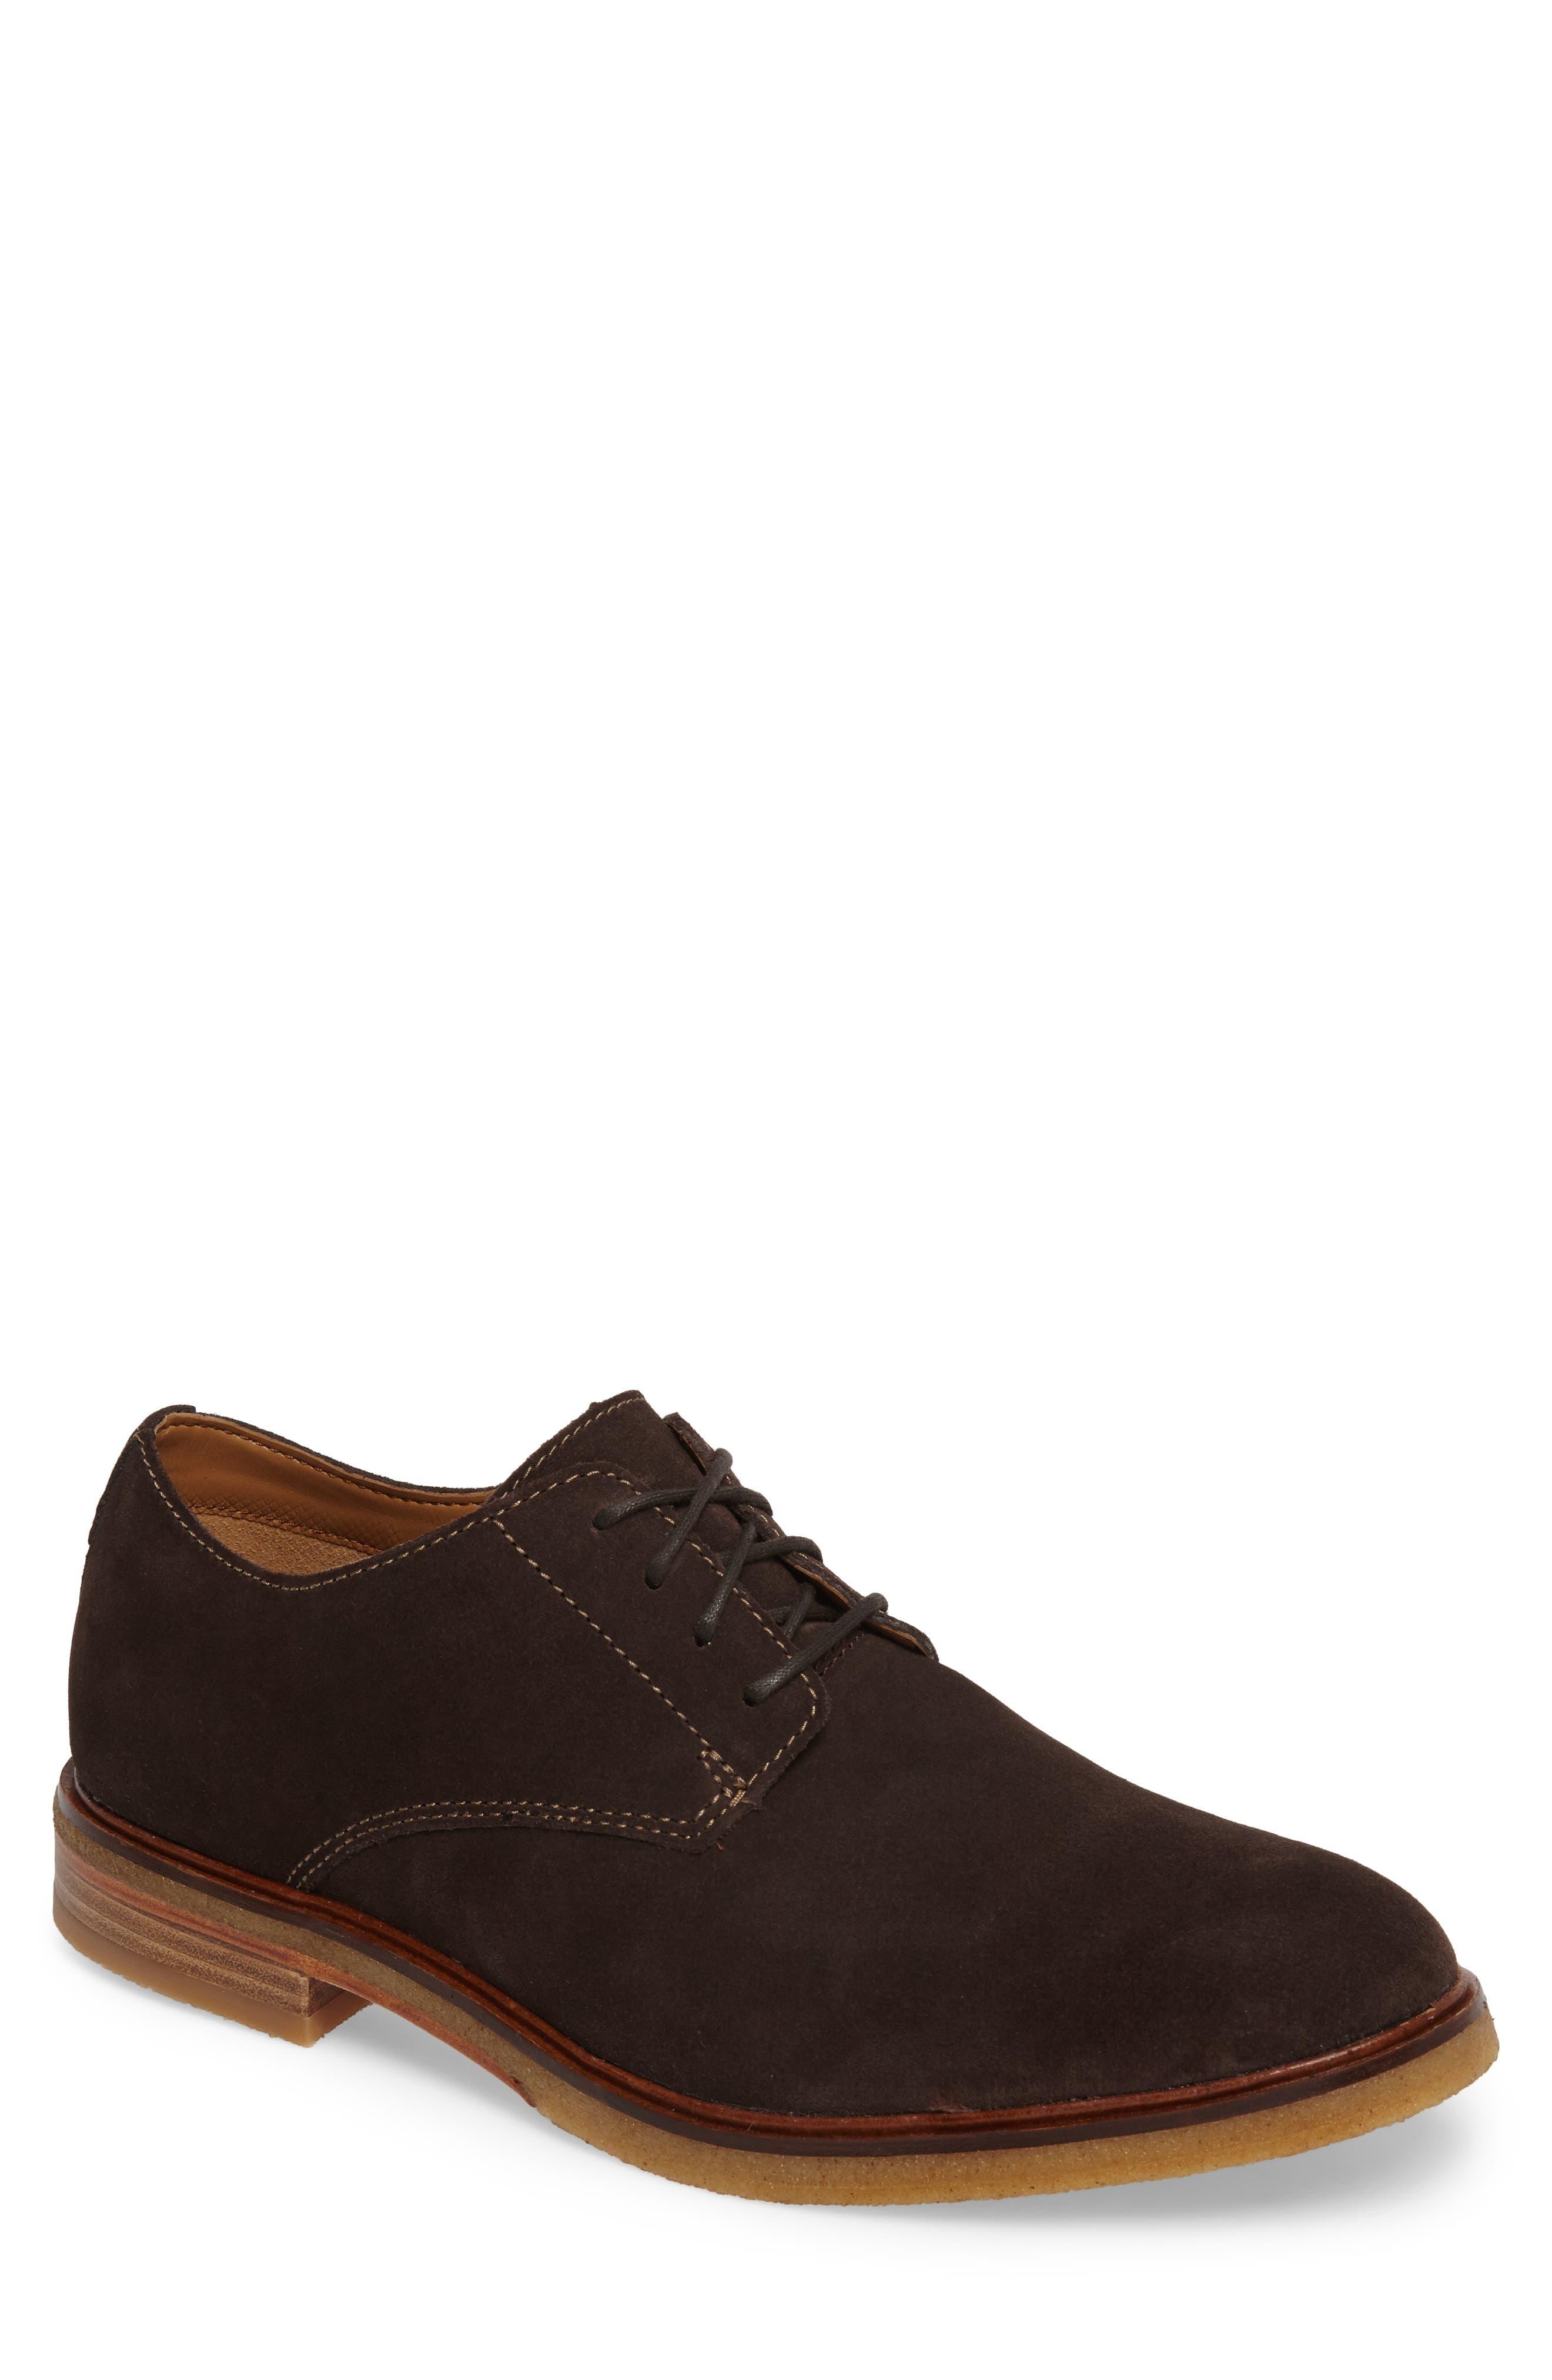 Clarks Clarkdale Moon Buck Shoe (Men)